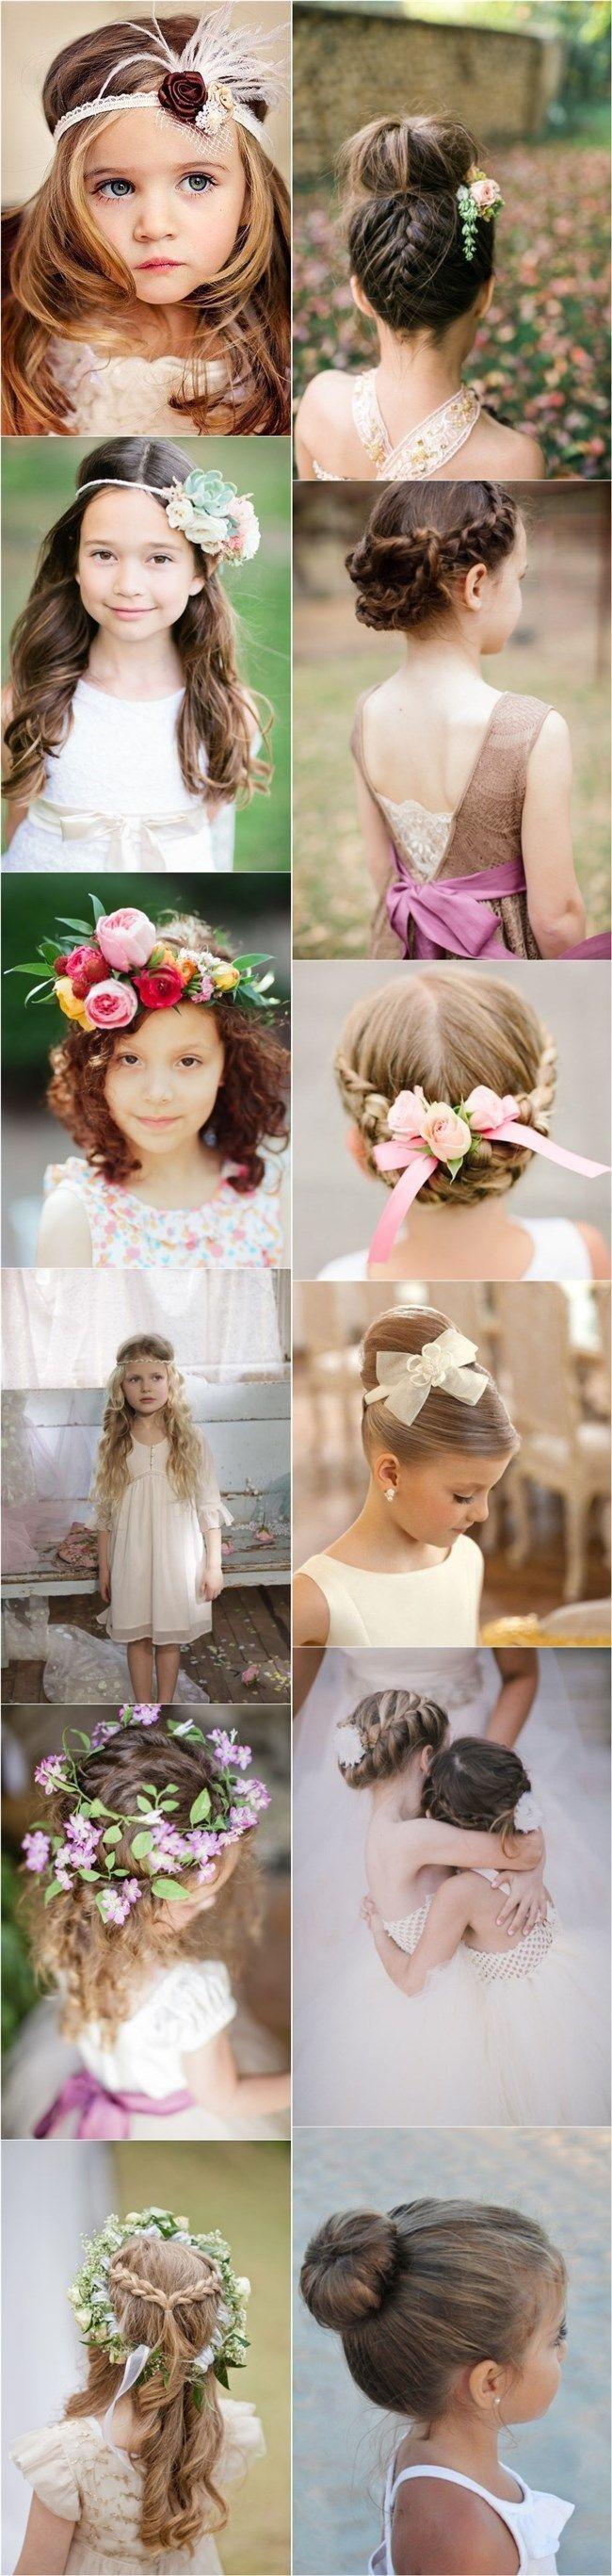 45 Coiffures Magnifiques de Christmas Pour Votre petite Fille | Cute little girl hairstyles ...